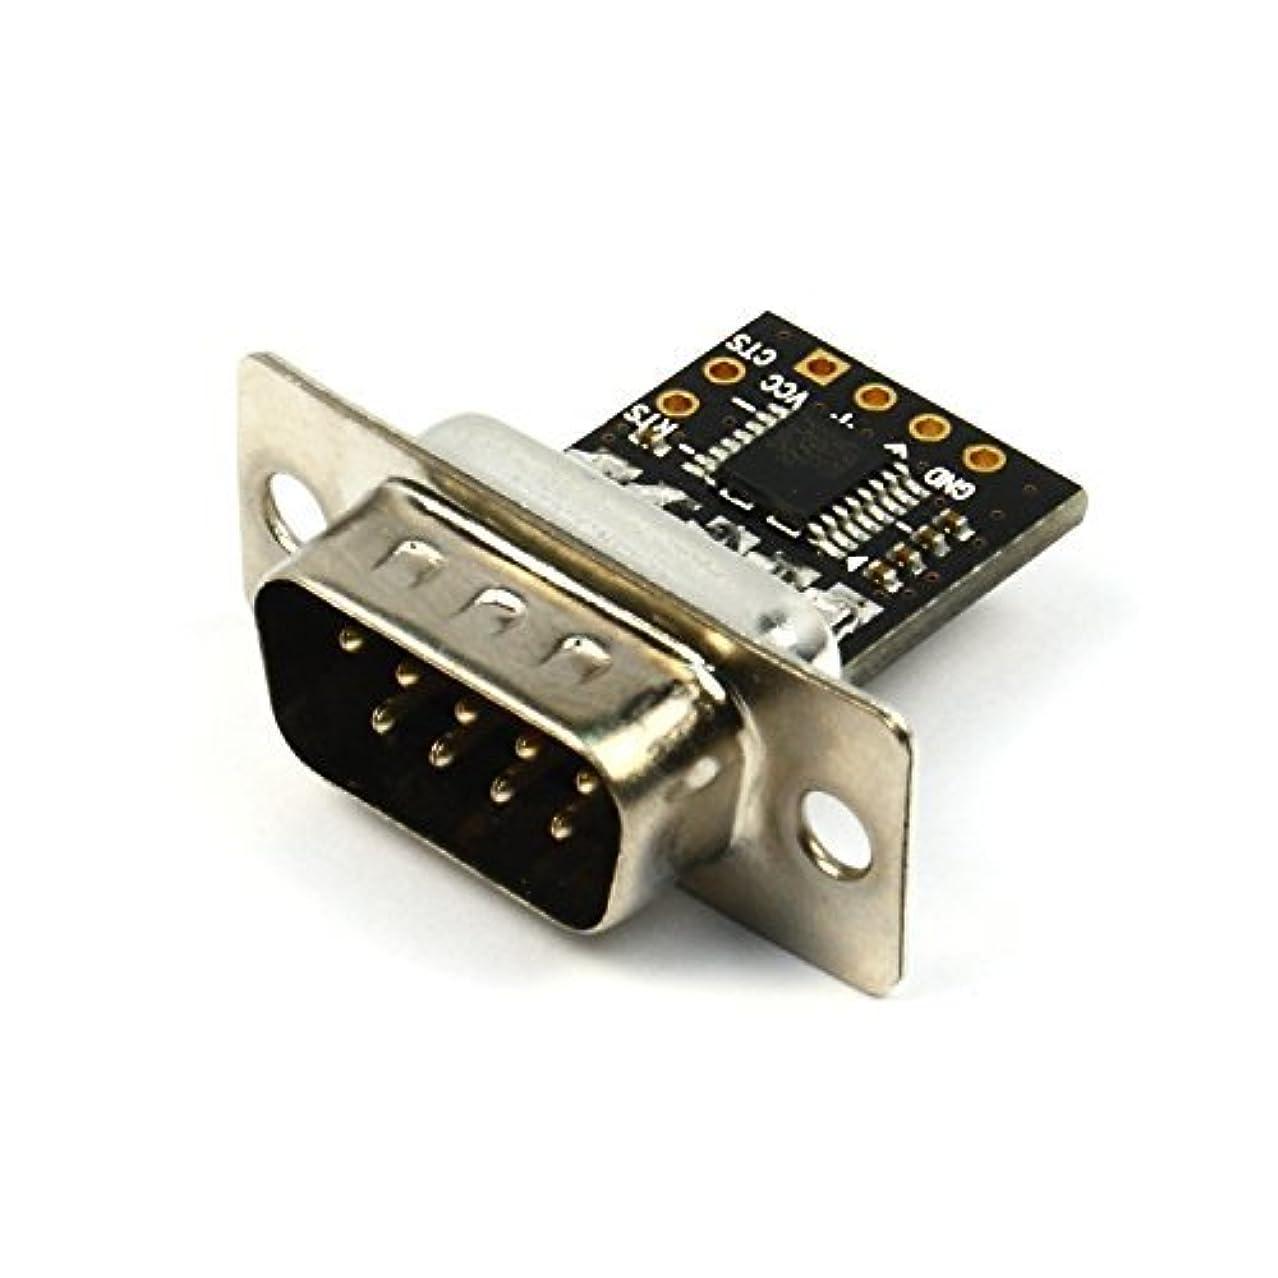 常識何でも副詞Ultra Compact RS232 to TTL Converter with Male DB9 (3V to 5.5V) [並行輸入品]